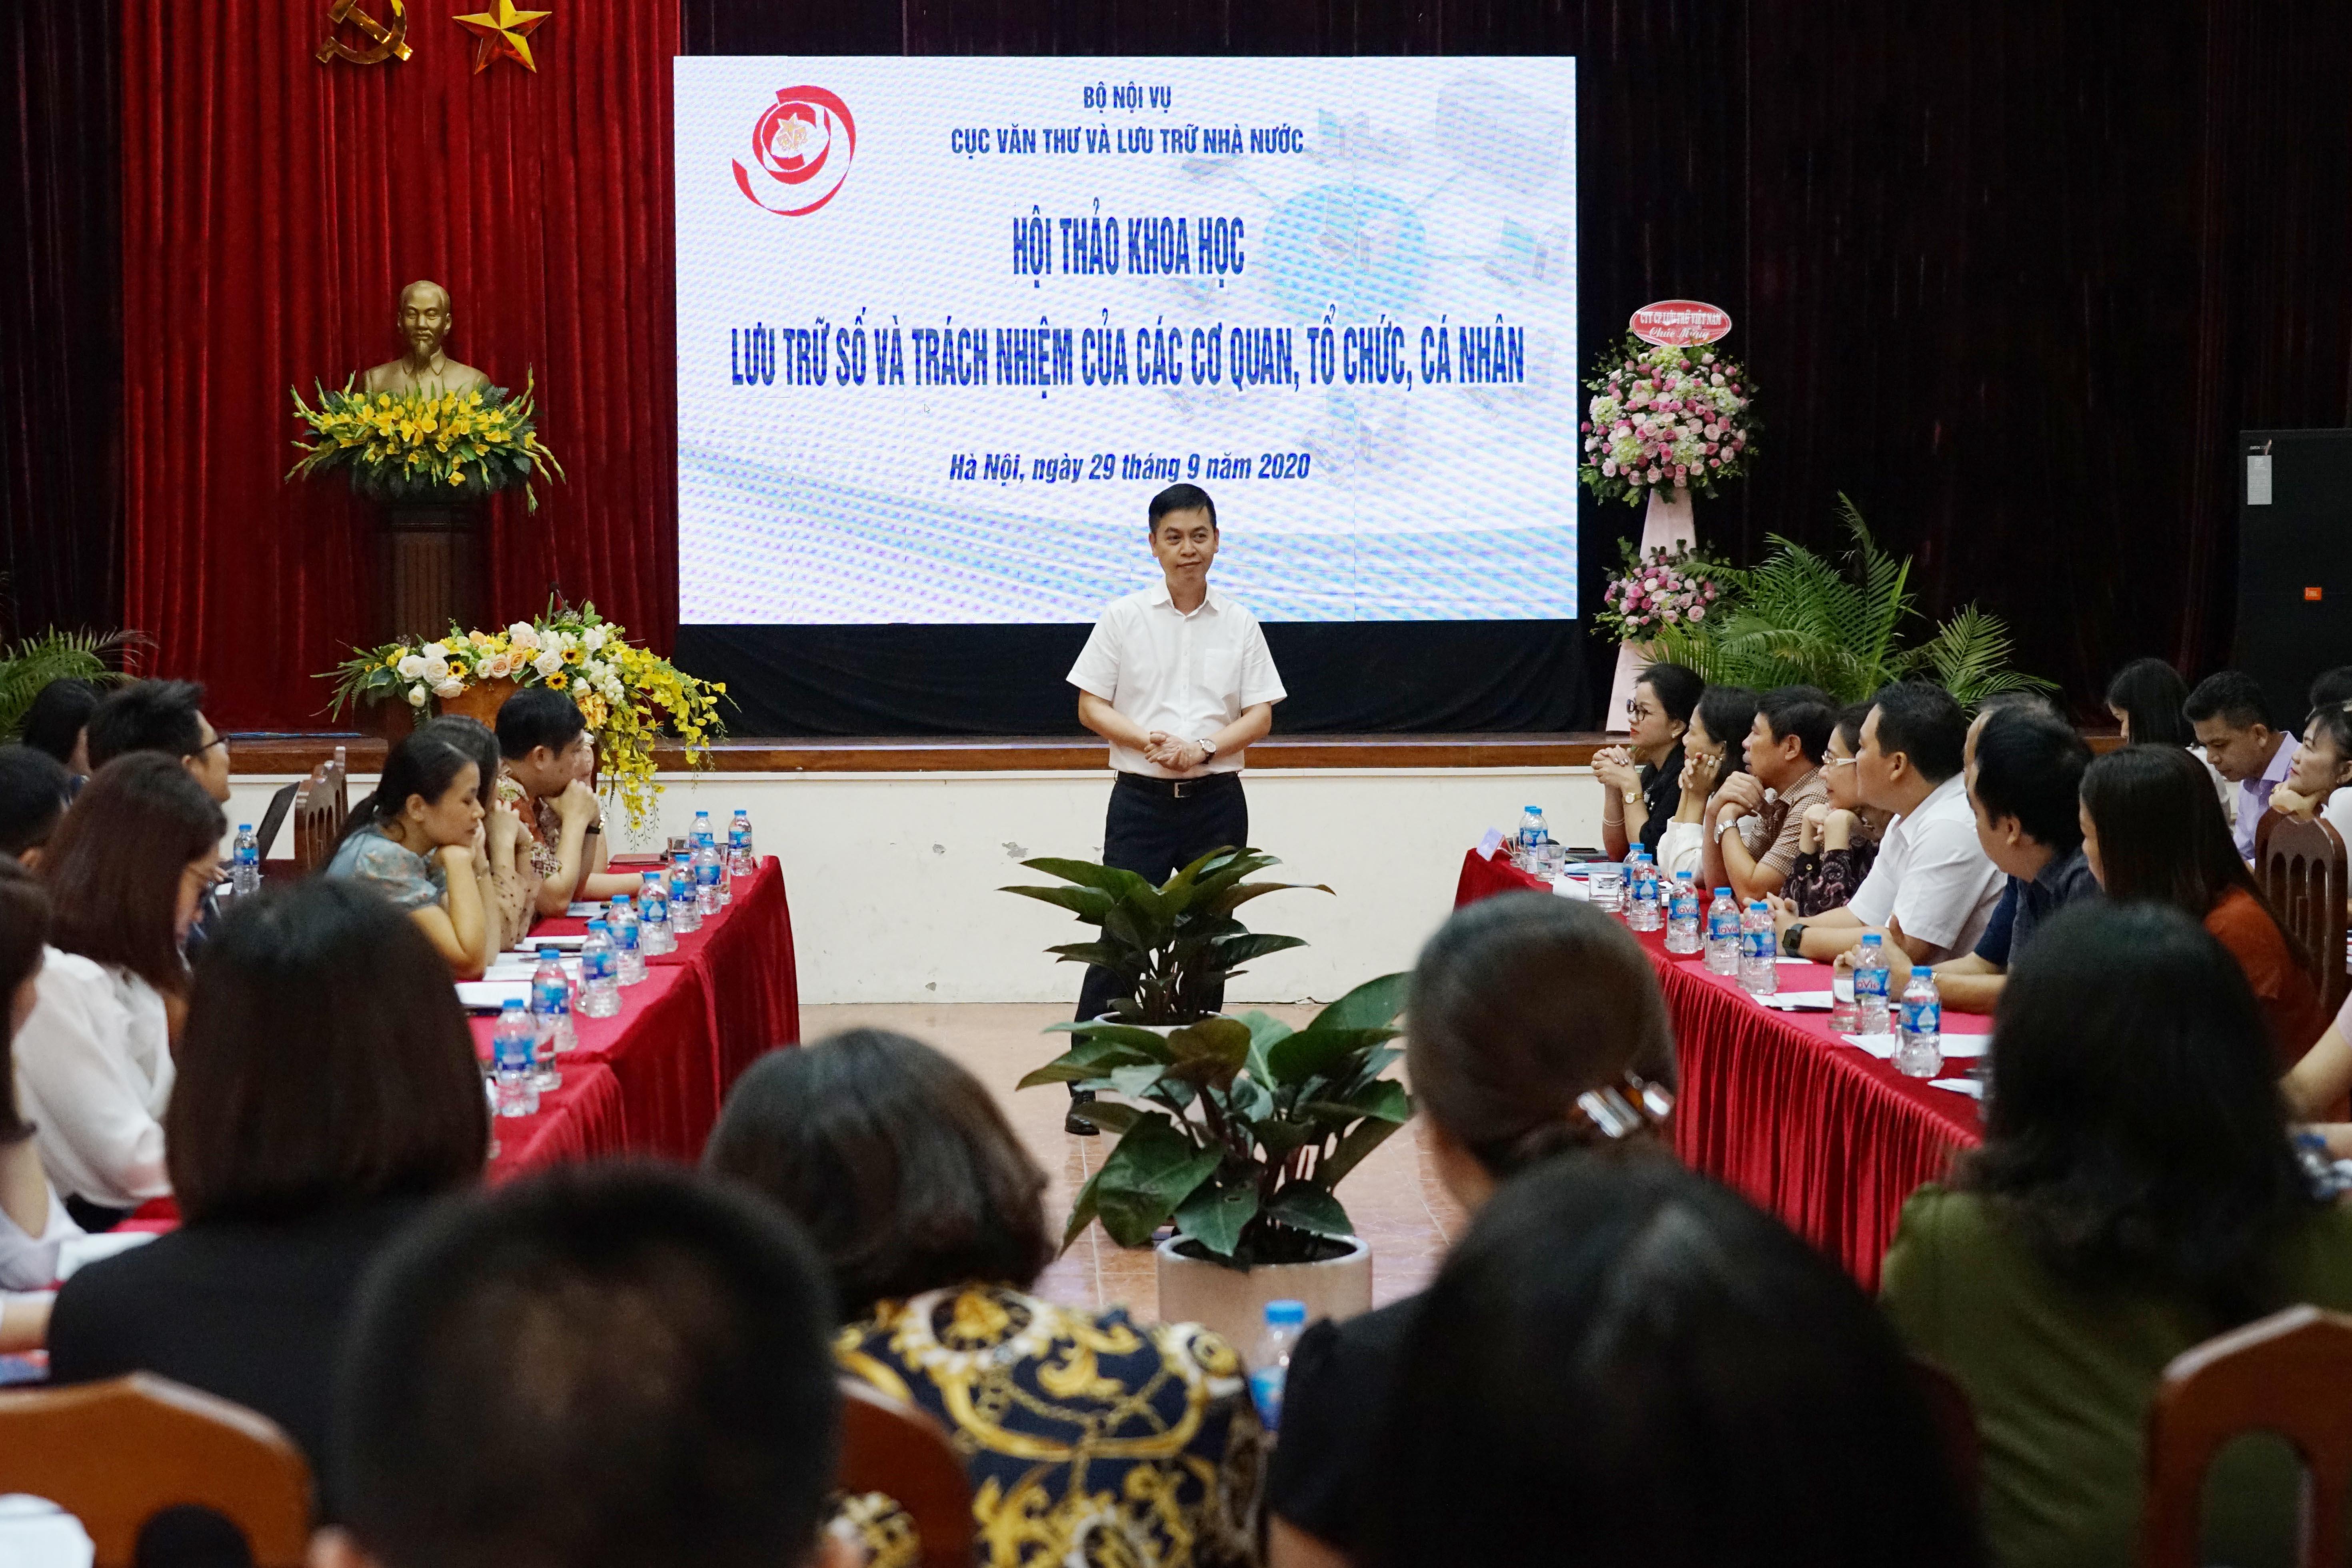 Ông Đặng Thanh Tùng, Cục trưởng Cục Văn thư và Lưu trữ nhà nước phát biểu khai mạc hội thảo.